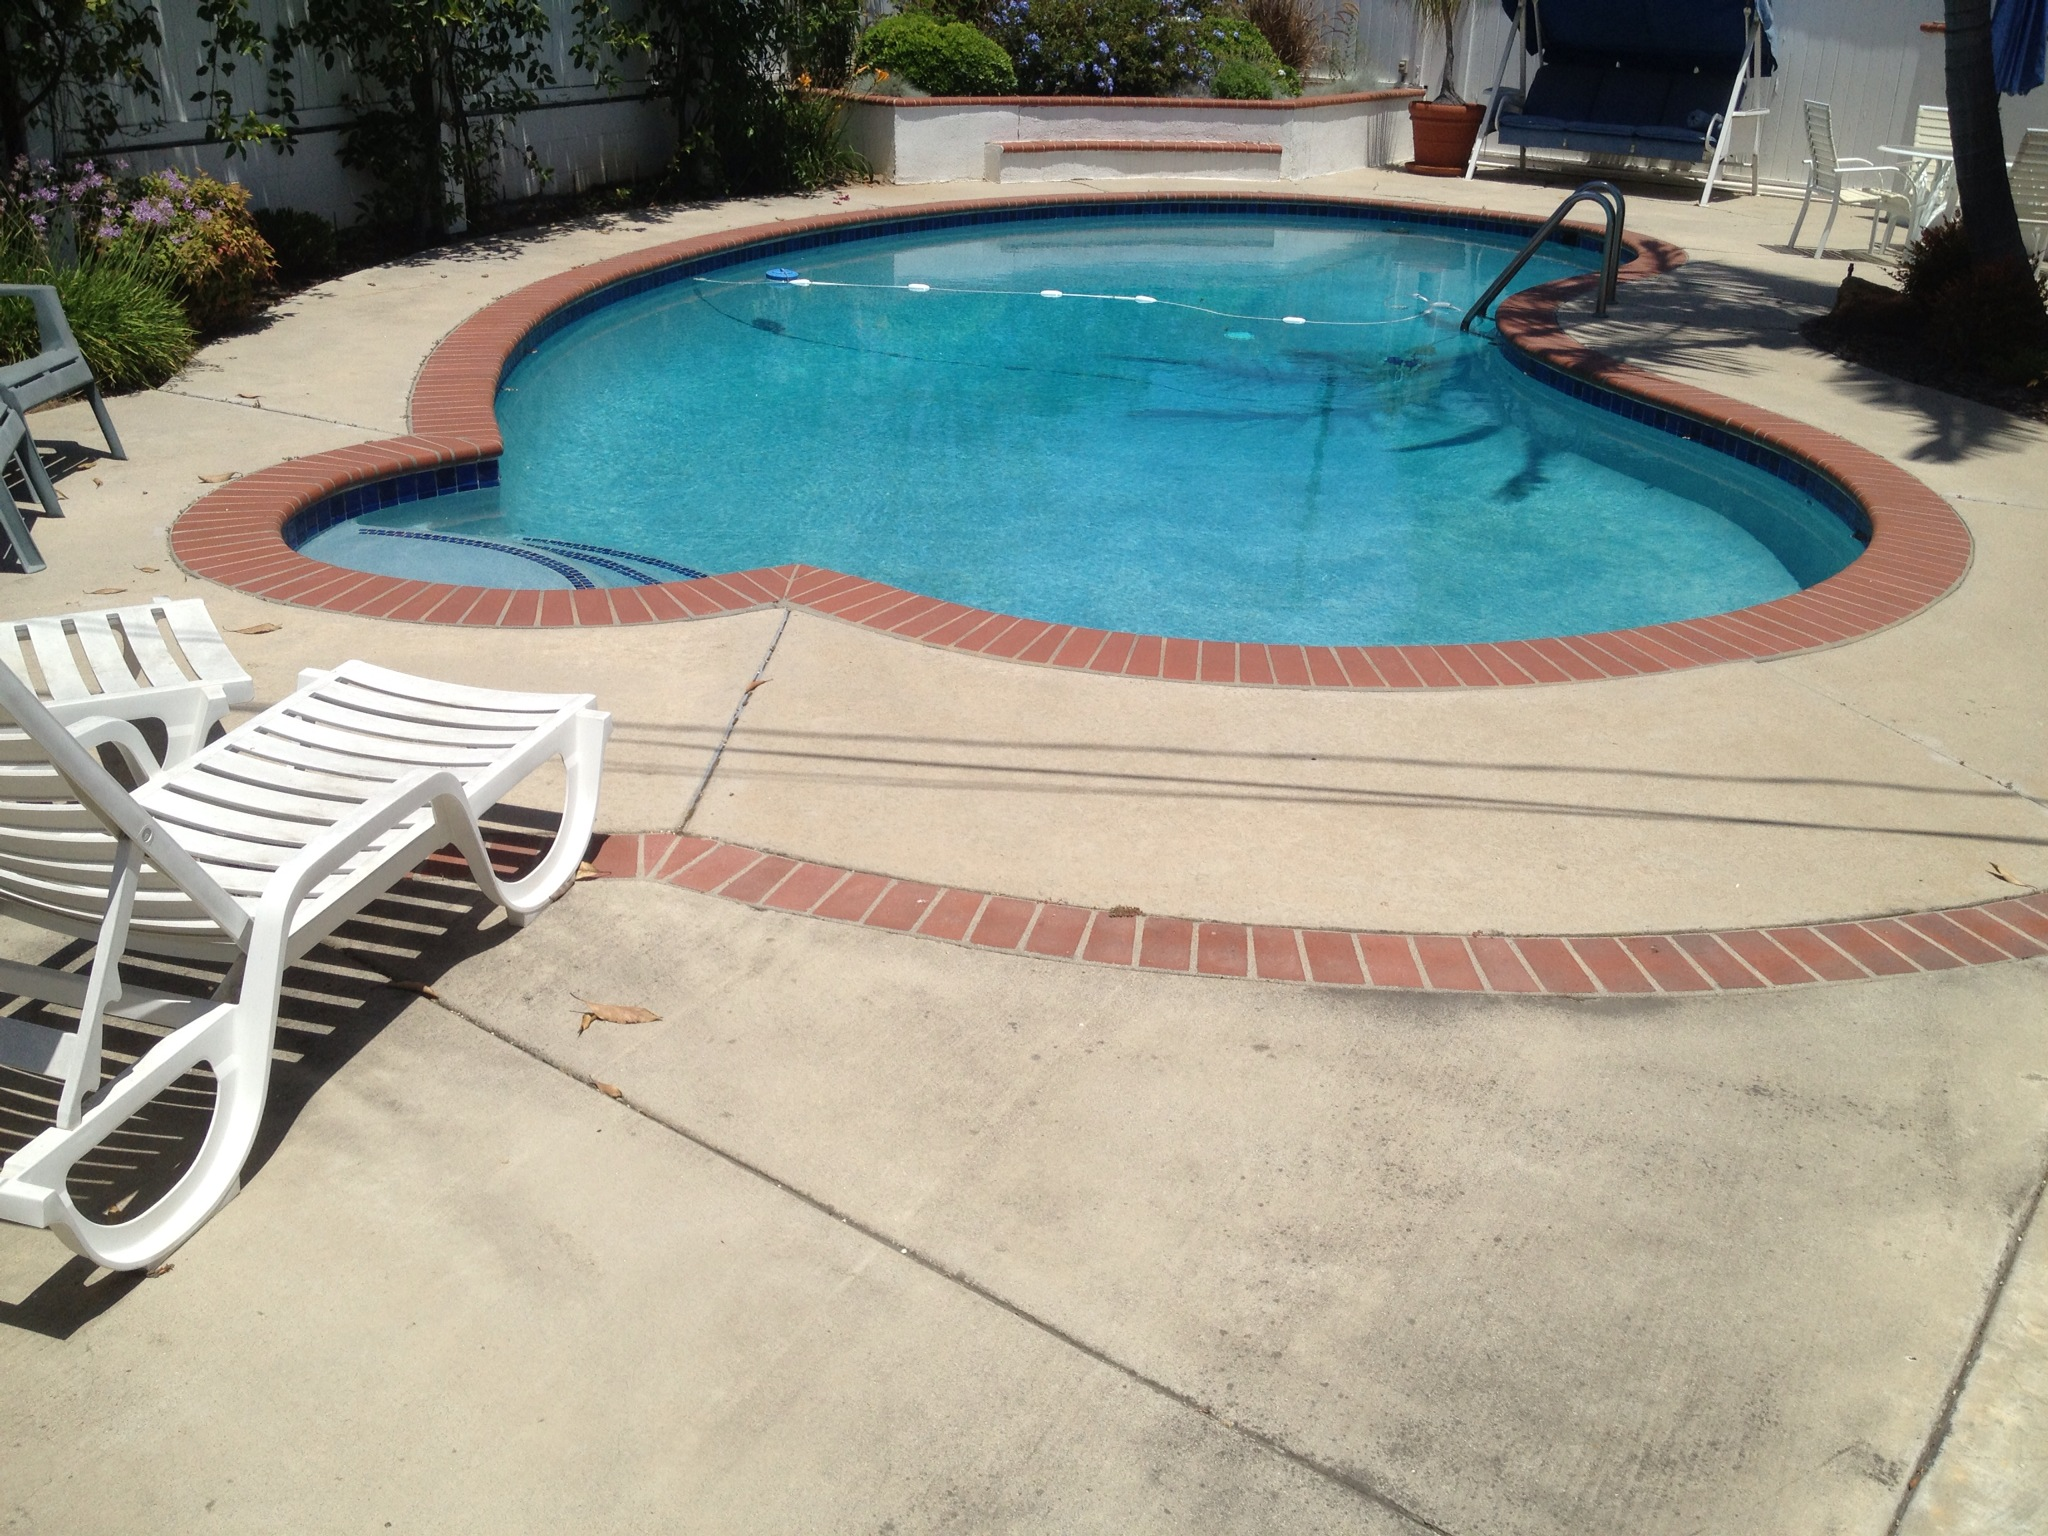 Pool Deck Resurfacing Fullerton Concrete Resurfacing